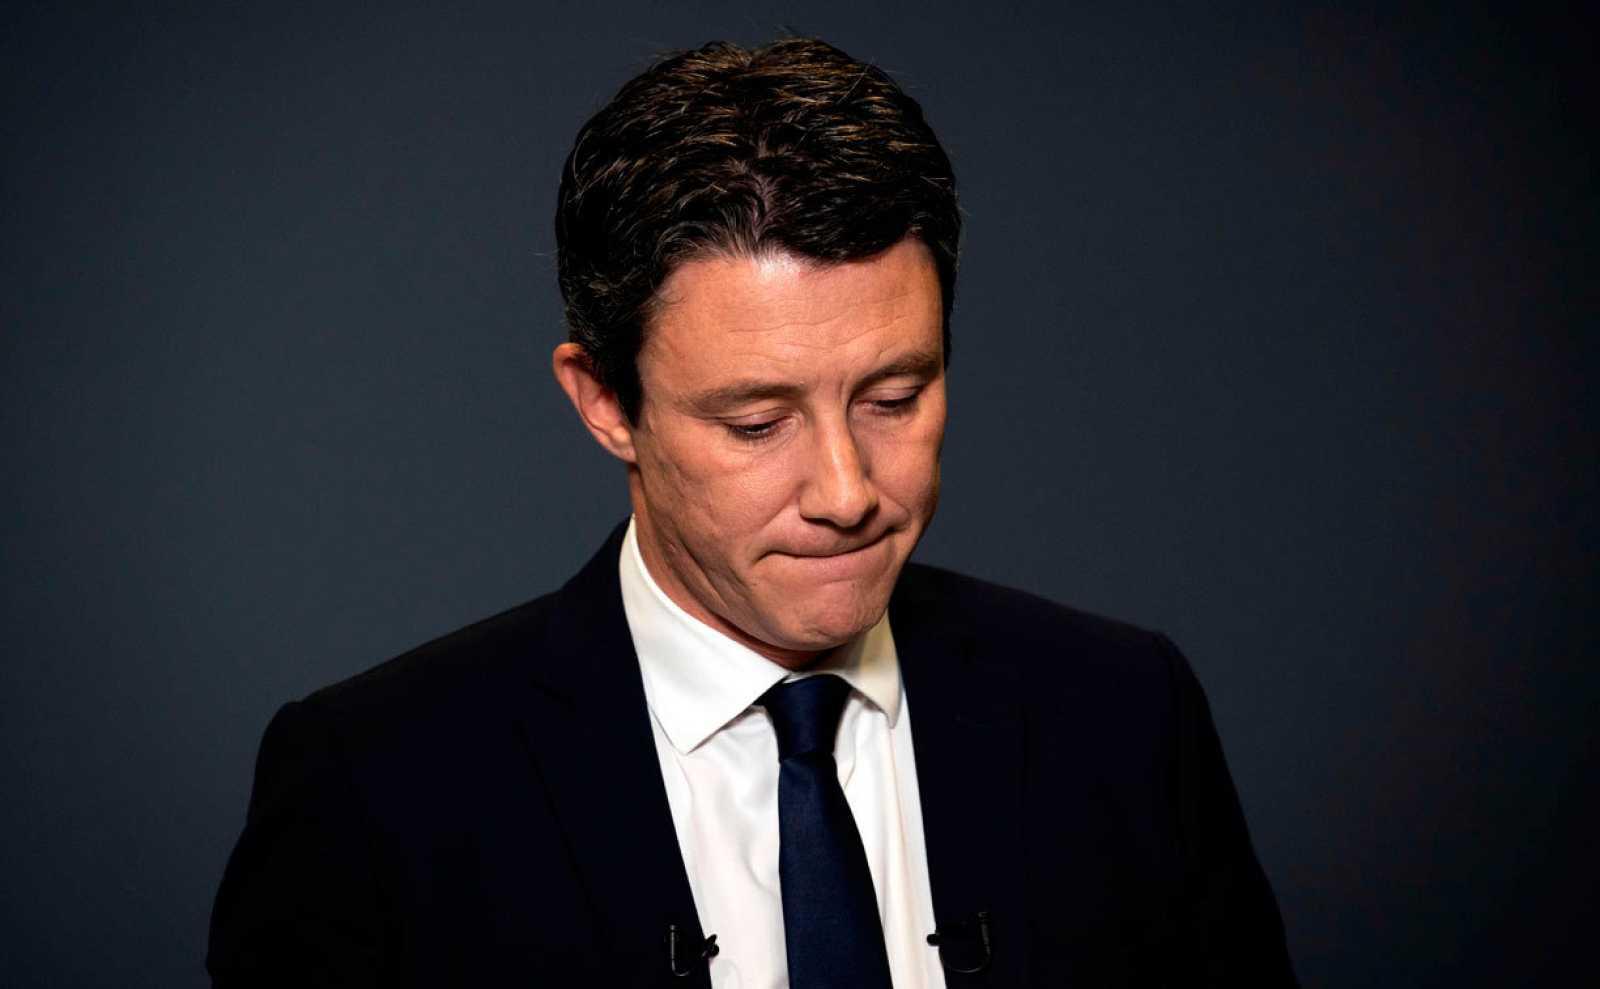 El ex portavoz del gobierno Benjamin Griveaux, investido por LREM para liderar la batalla electoral en París, se retira de la campaña de la alcaldía después de la publicación de un video privado presuntamente enviado por él